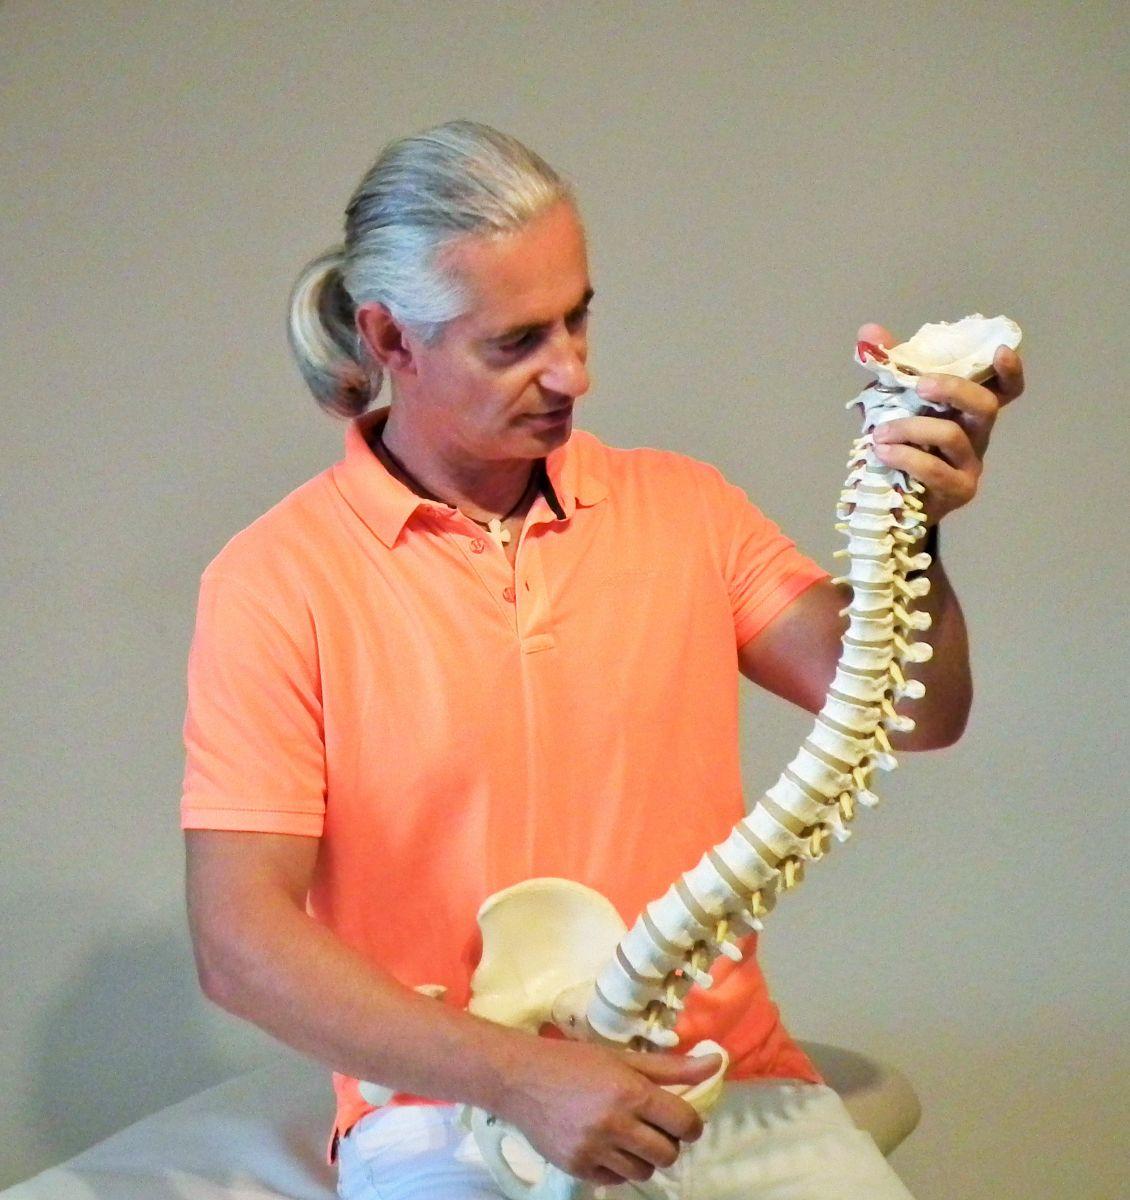 Auf dem Foto sitzt Joachim Richler auf einer Behandlungsbank und hält in seinen Händen ein Modellwirbelsäule. Er hat lange graue Haare, die er als Zopf gebunden hat und ein orangenes Polo T-Shirt. Er schaut auf die Wirbelsäule.